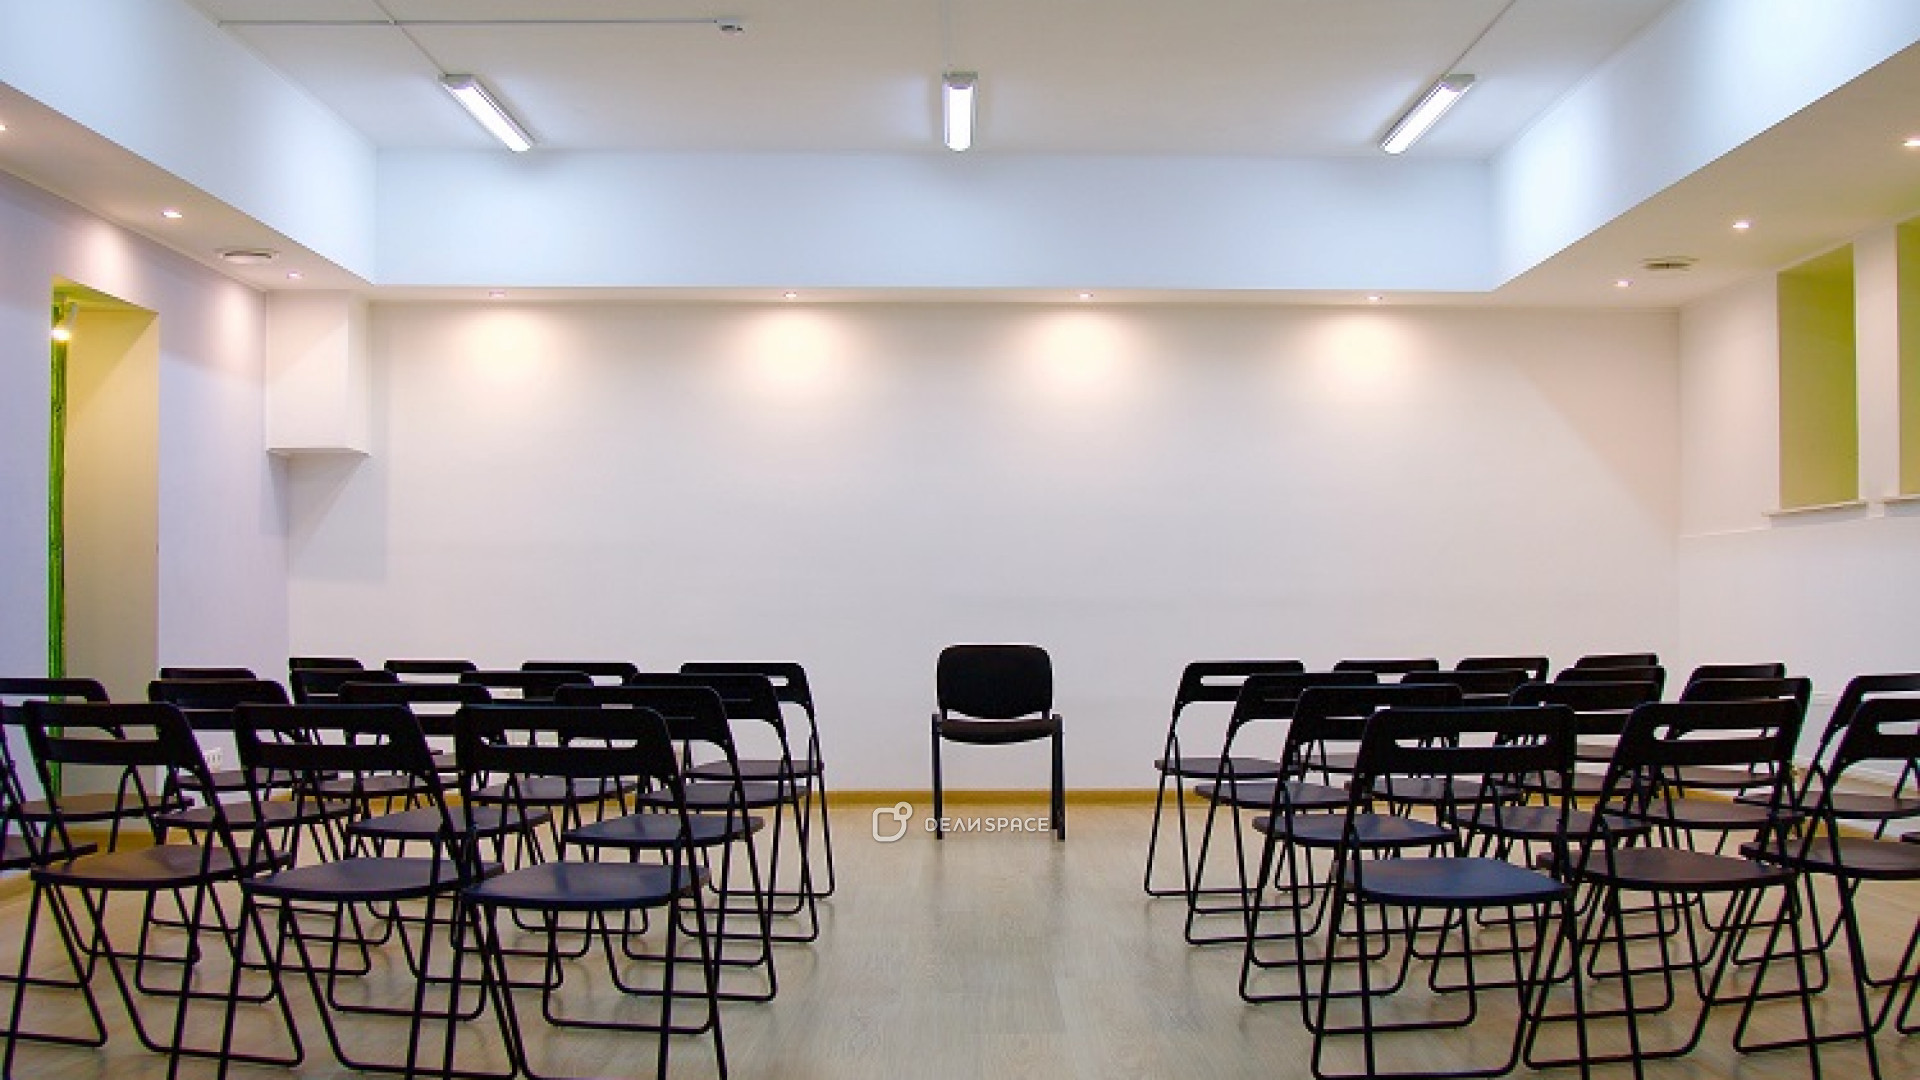 Зал для занятий спортом, боевыми искусствами, йогой, медитацией, подвижными практиками - фото №6